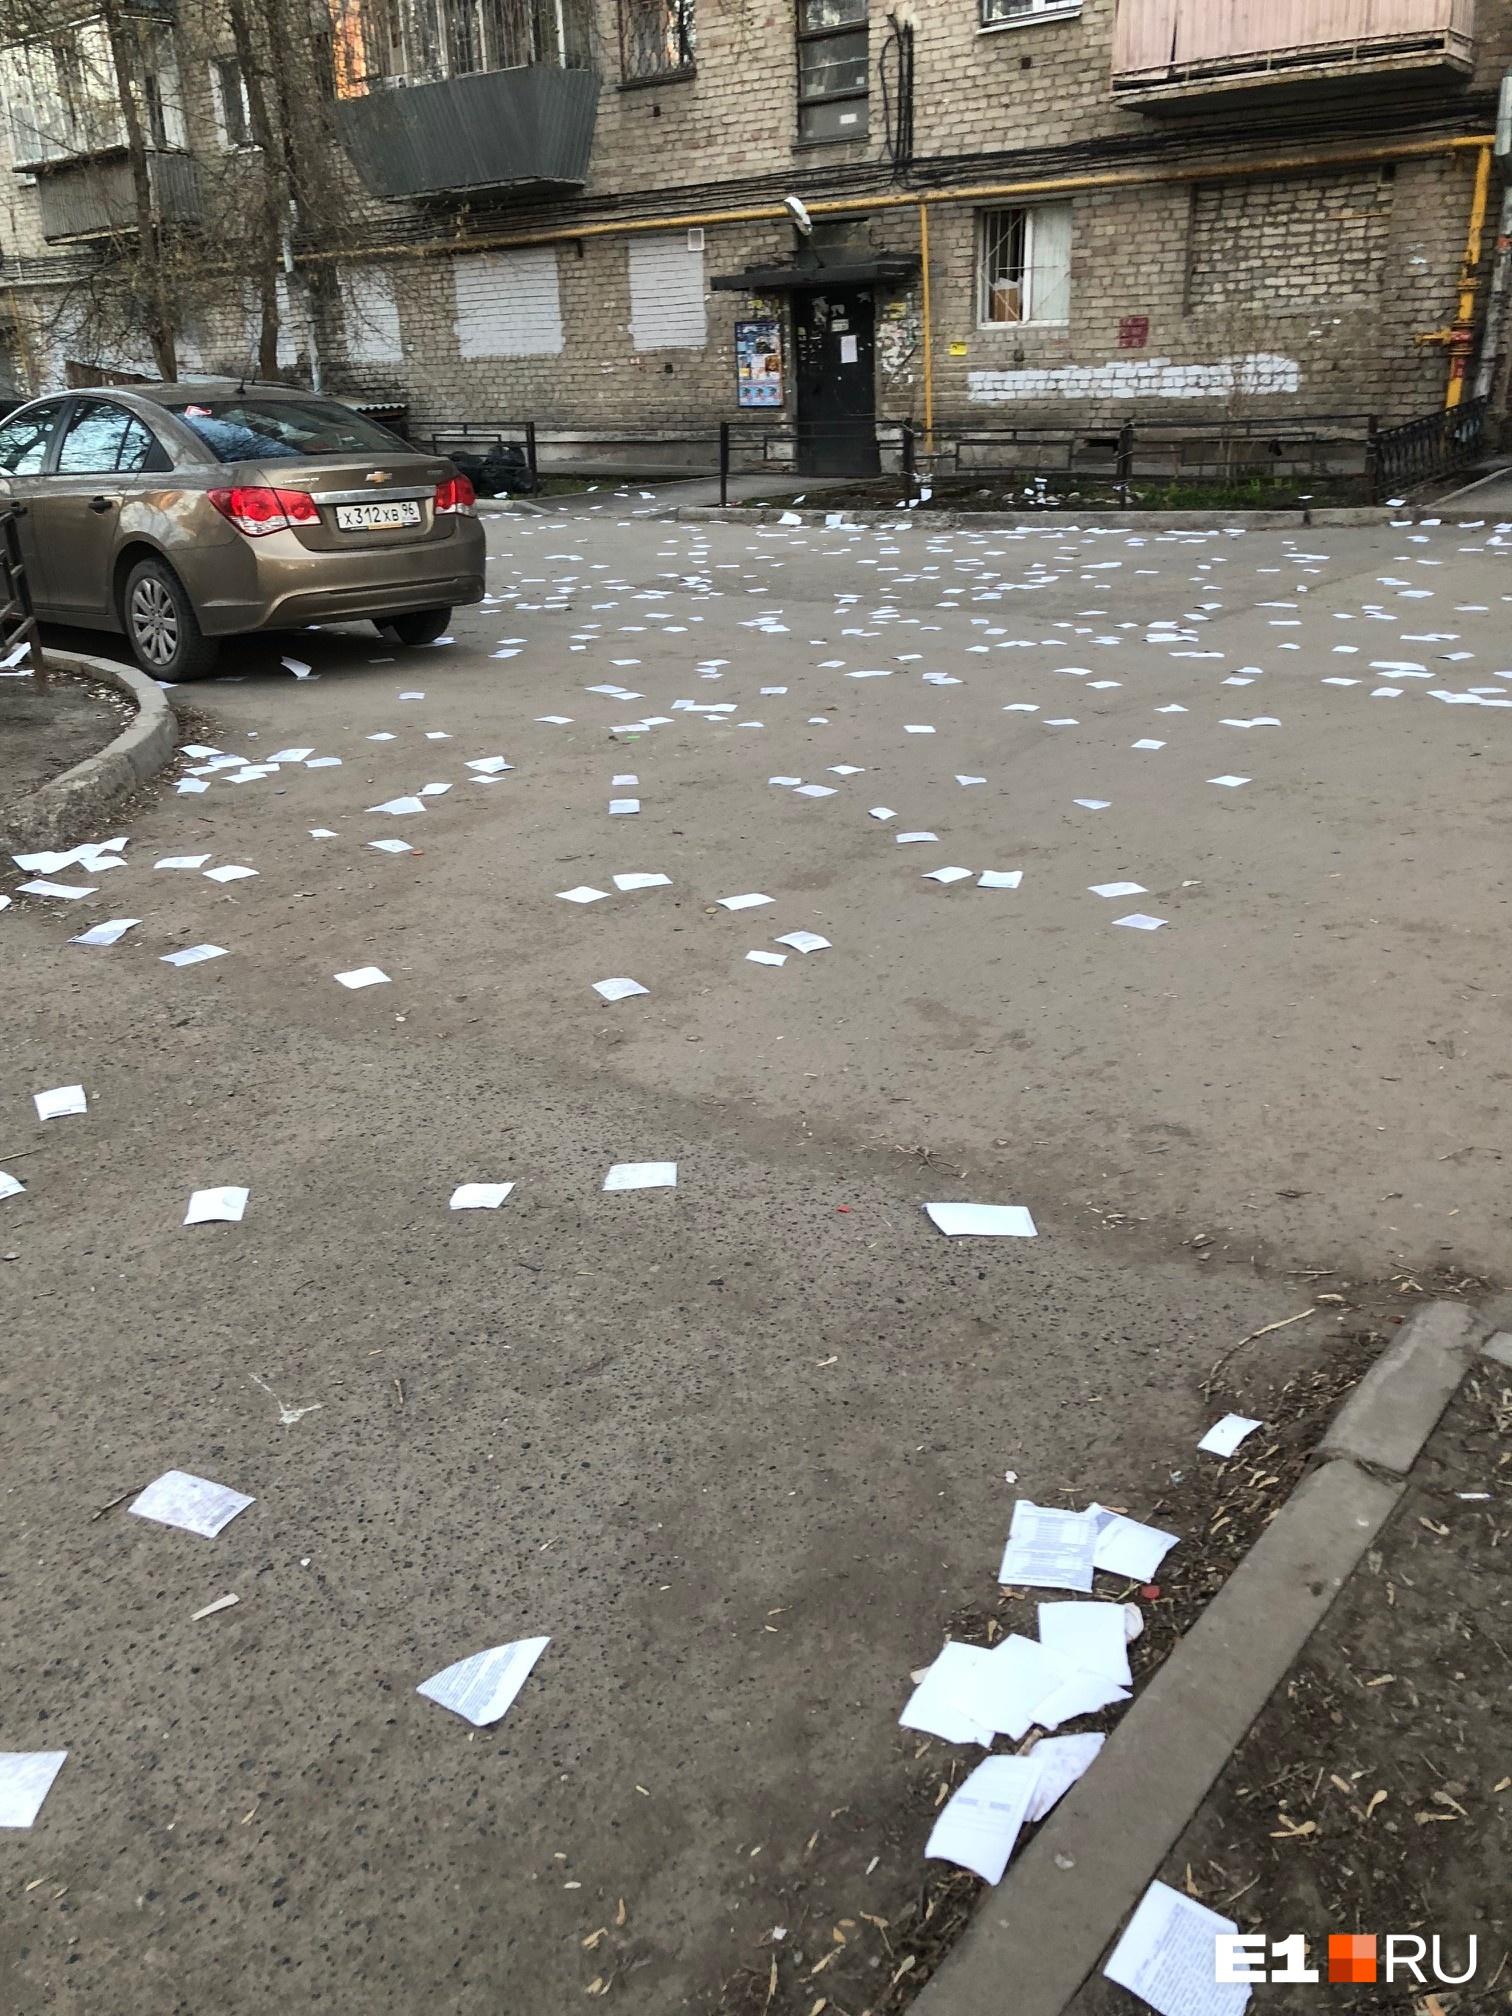 Весь двор усыпан бумагой